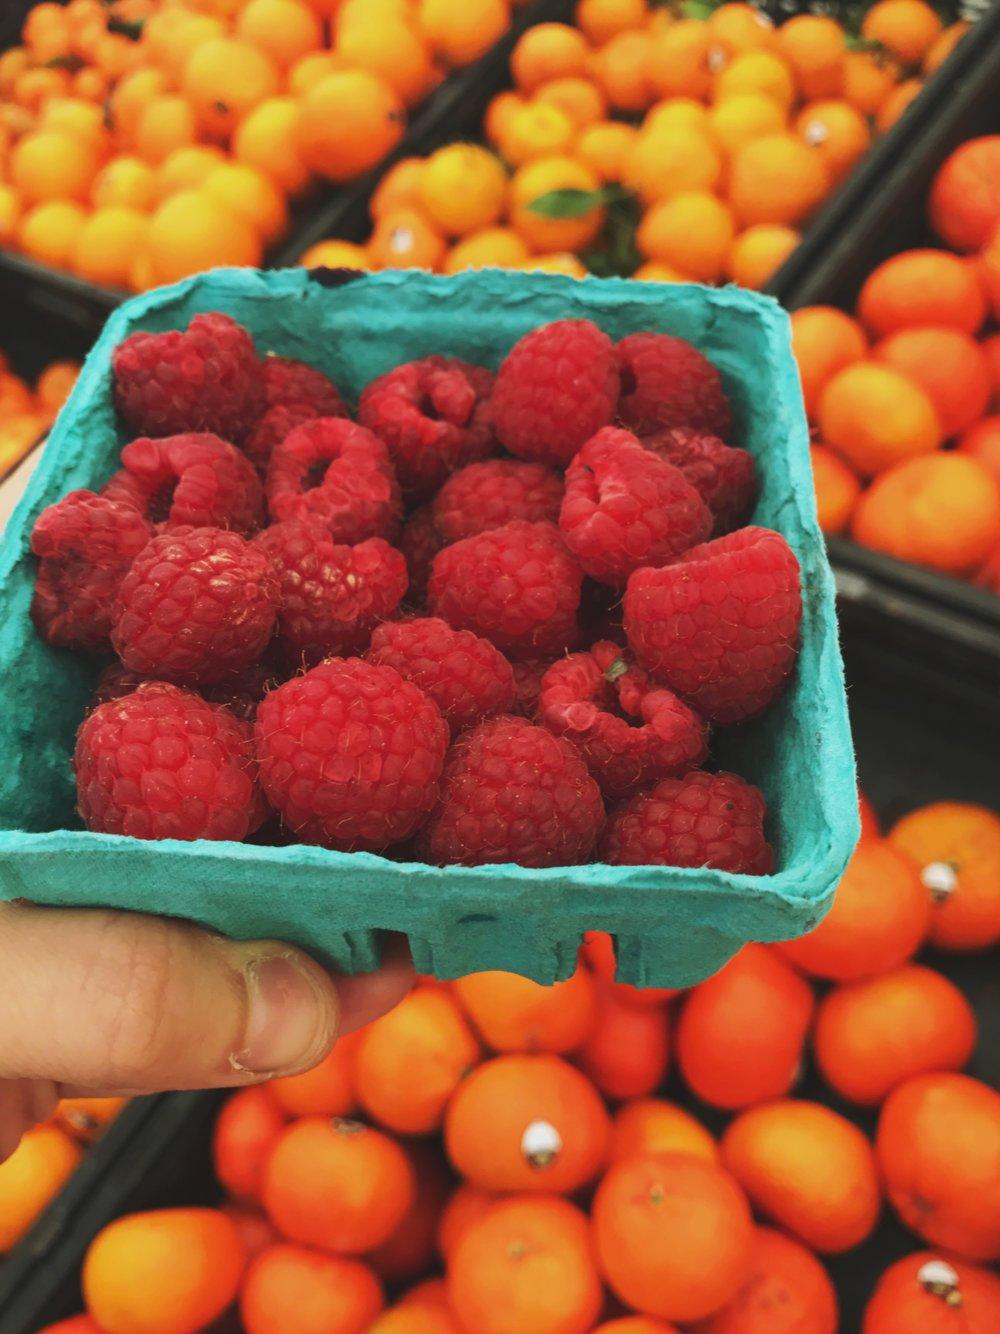 Kruger's Farm Market